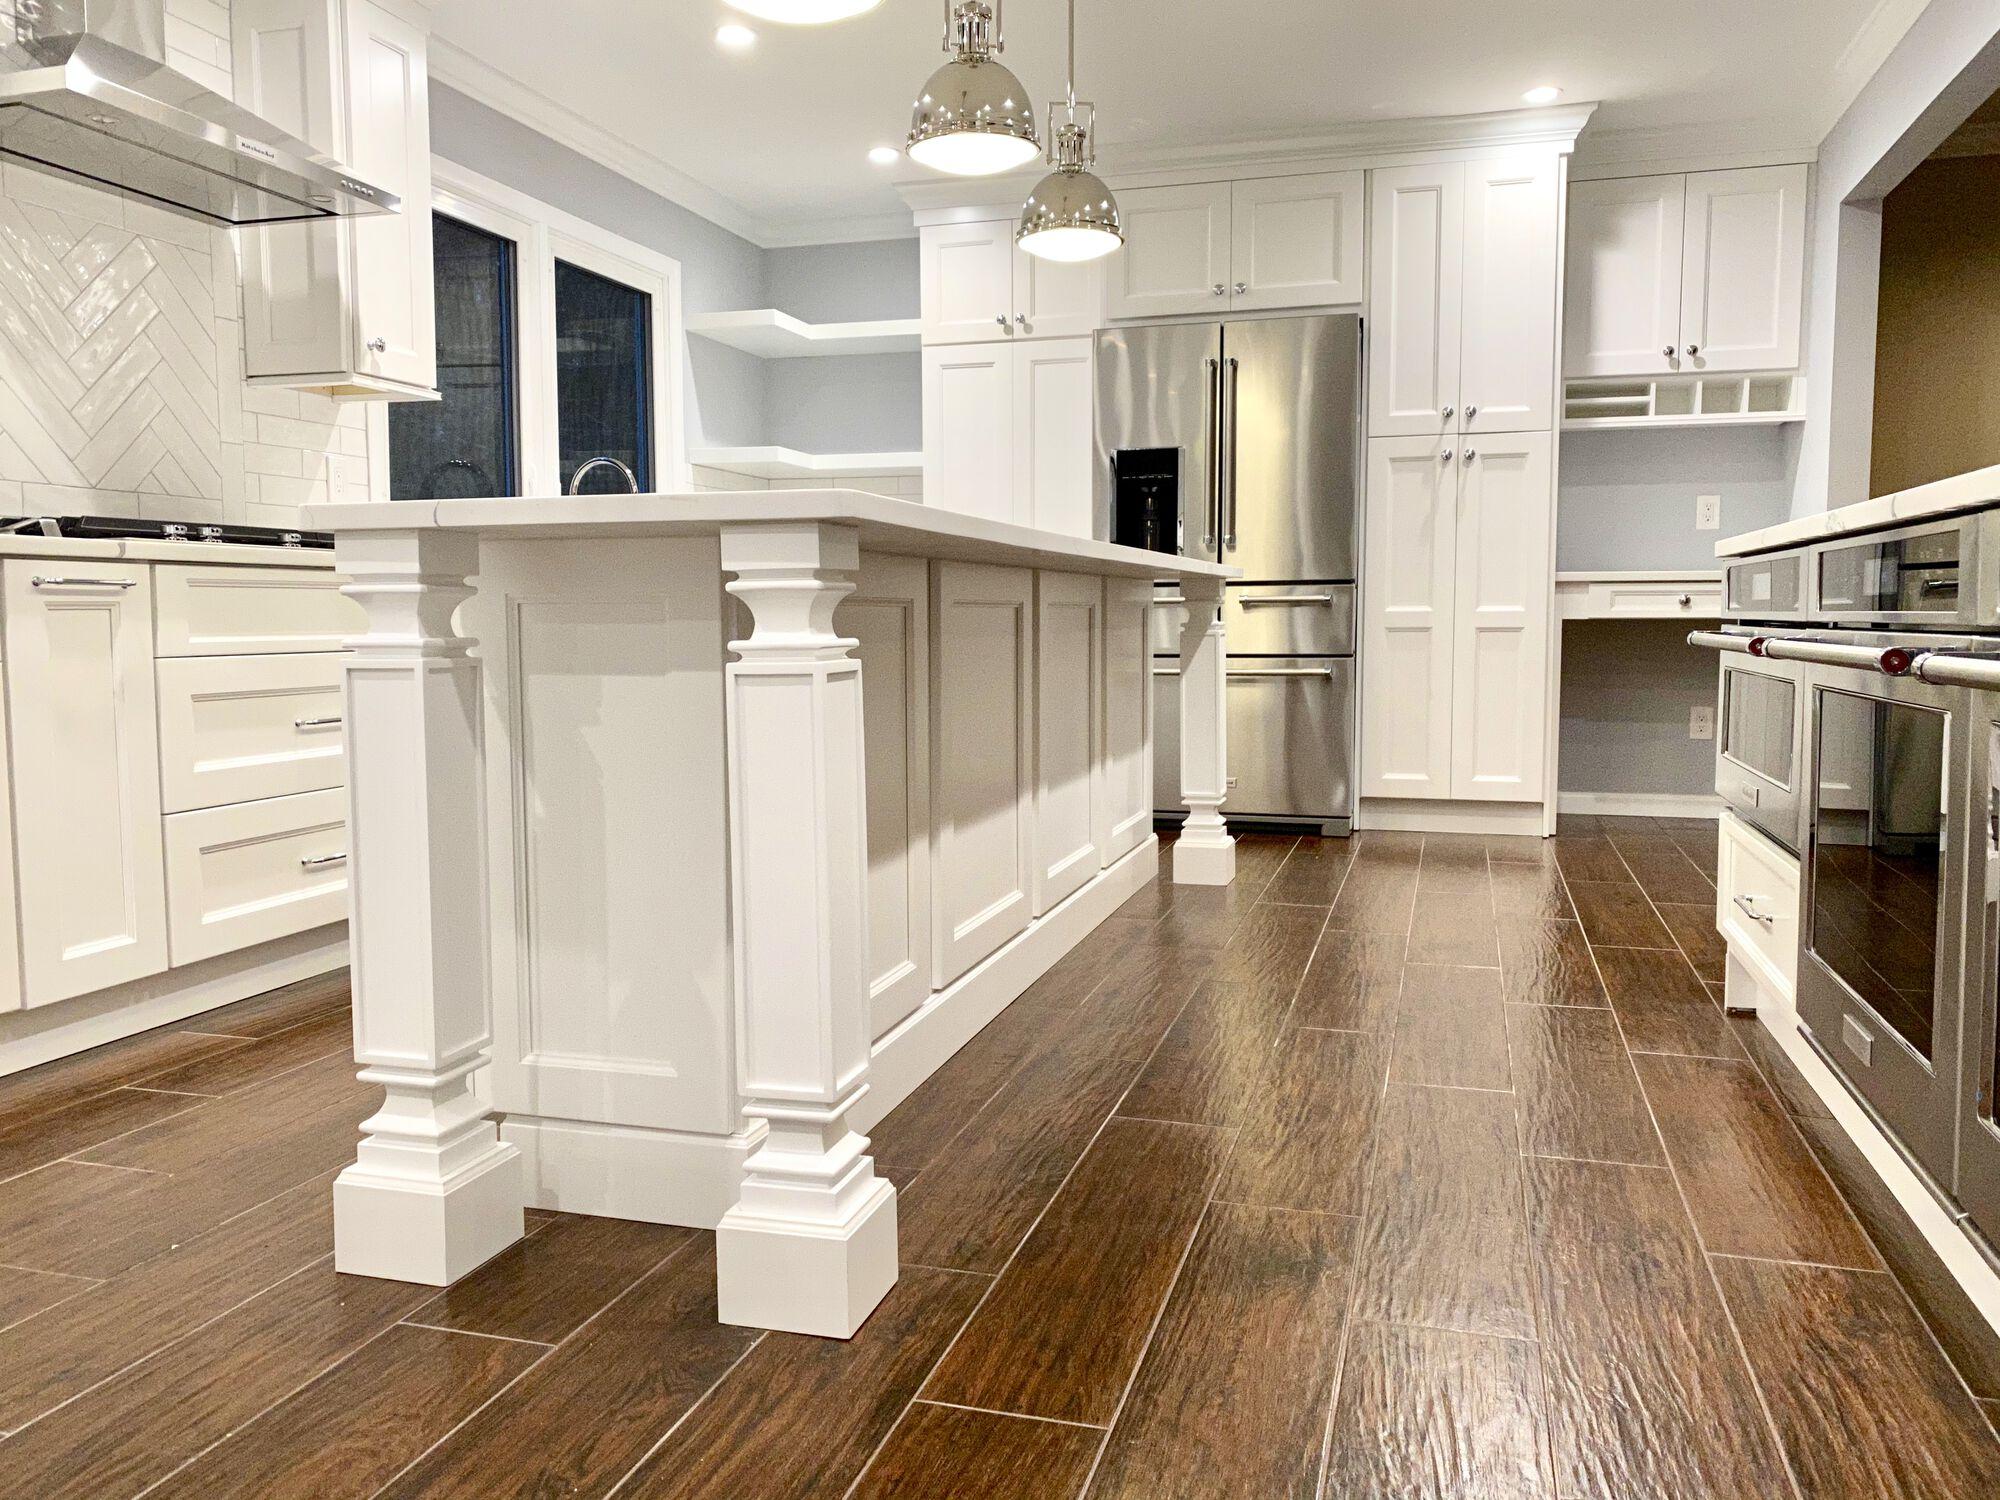 Montville NJ Kitchen Remodeling